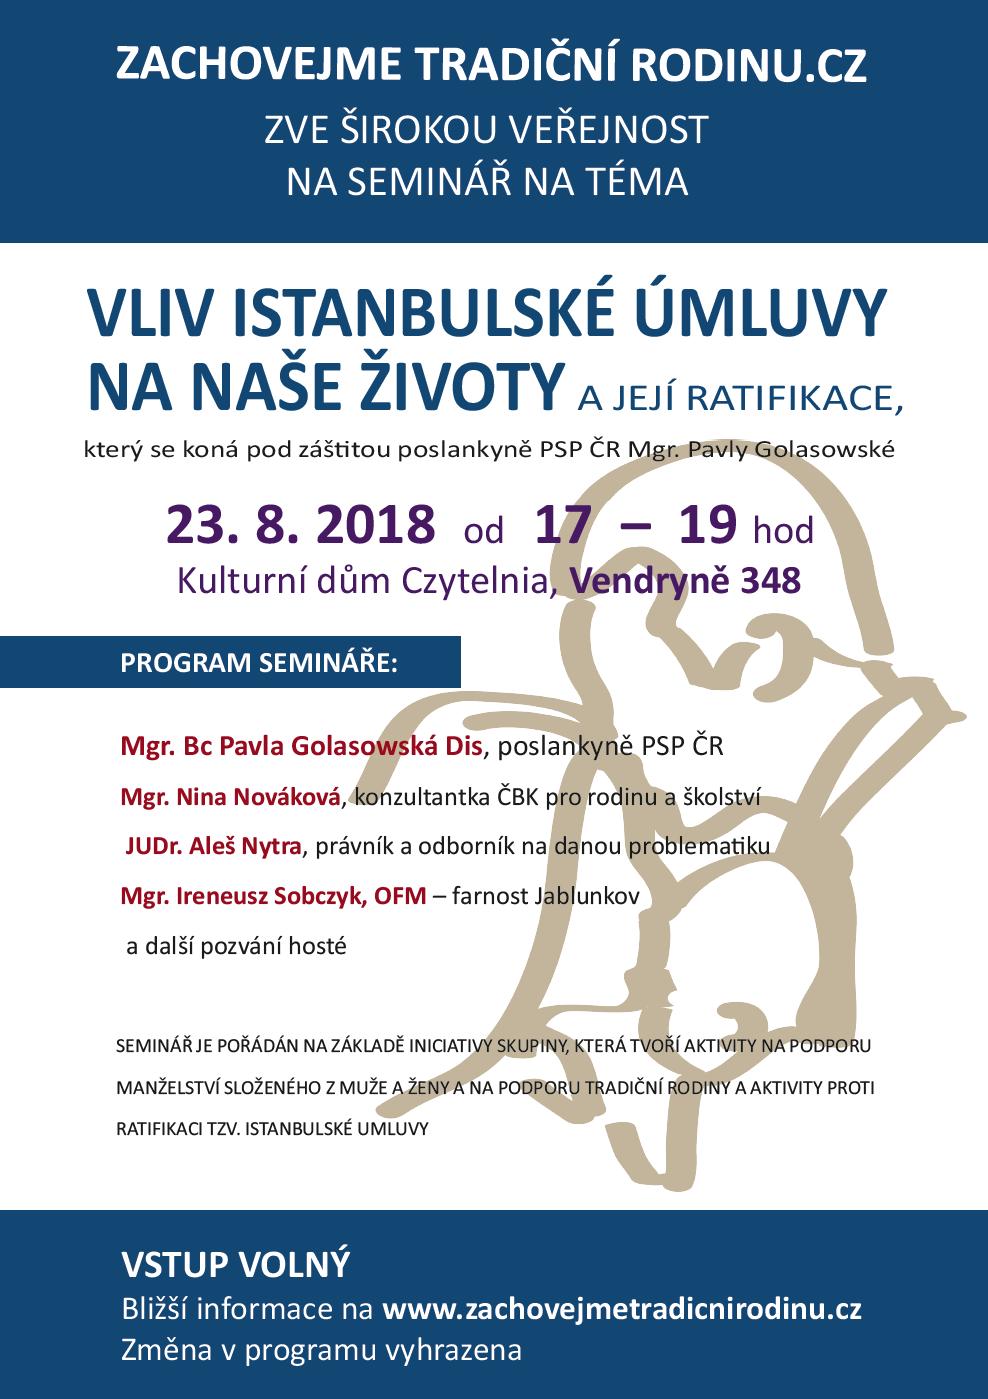 Vendryně – V Kulturním domě Czytelnia ve Vendryni proběhne ve čtvrtek 23.  srpna seminář na téma